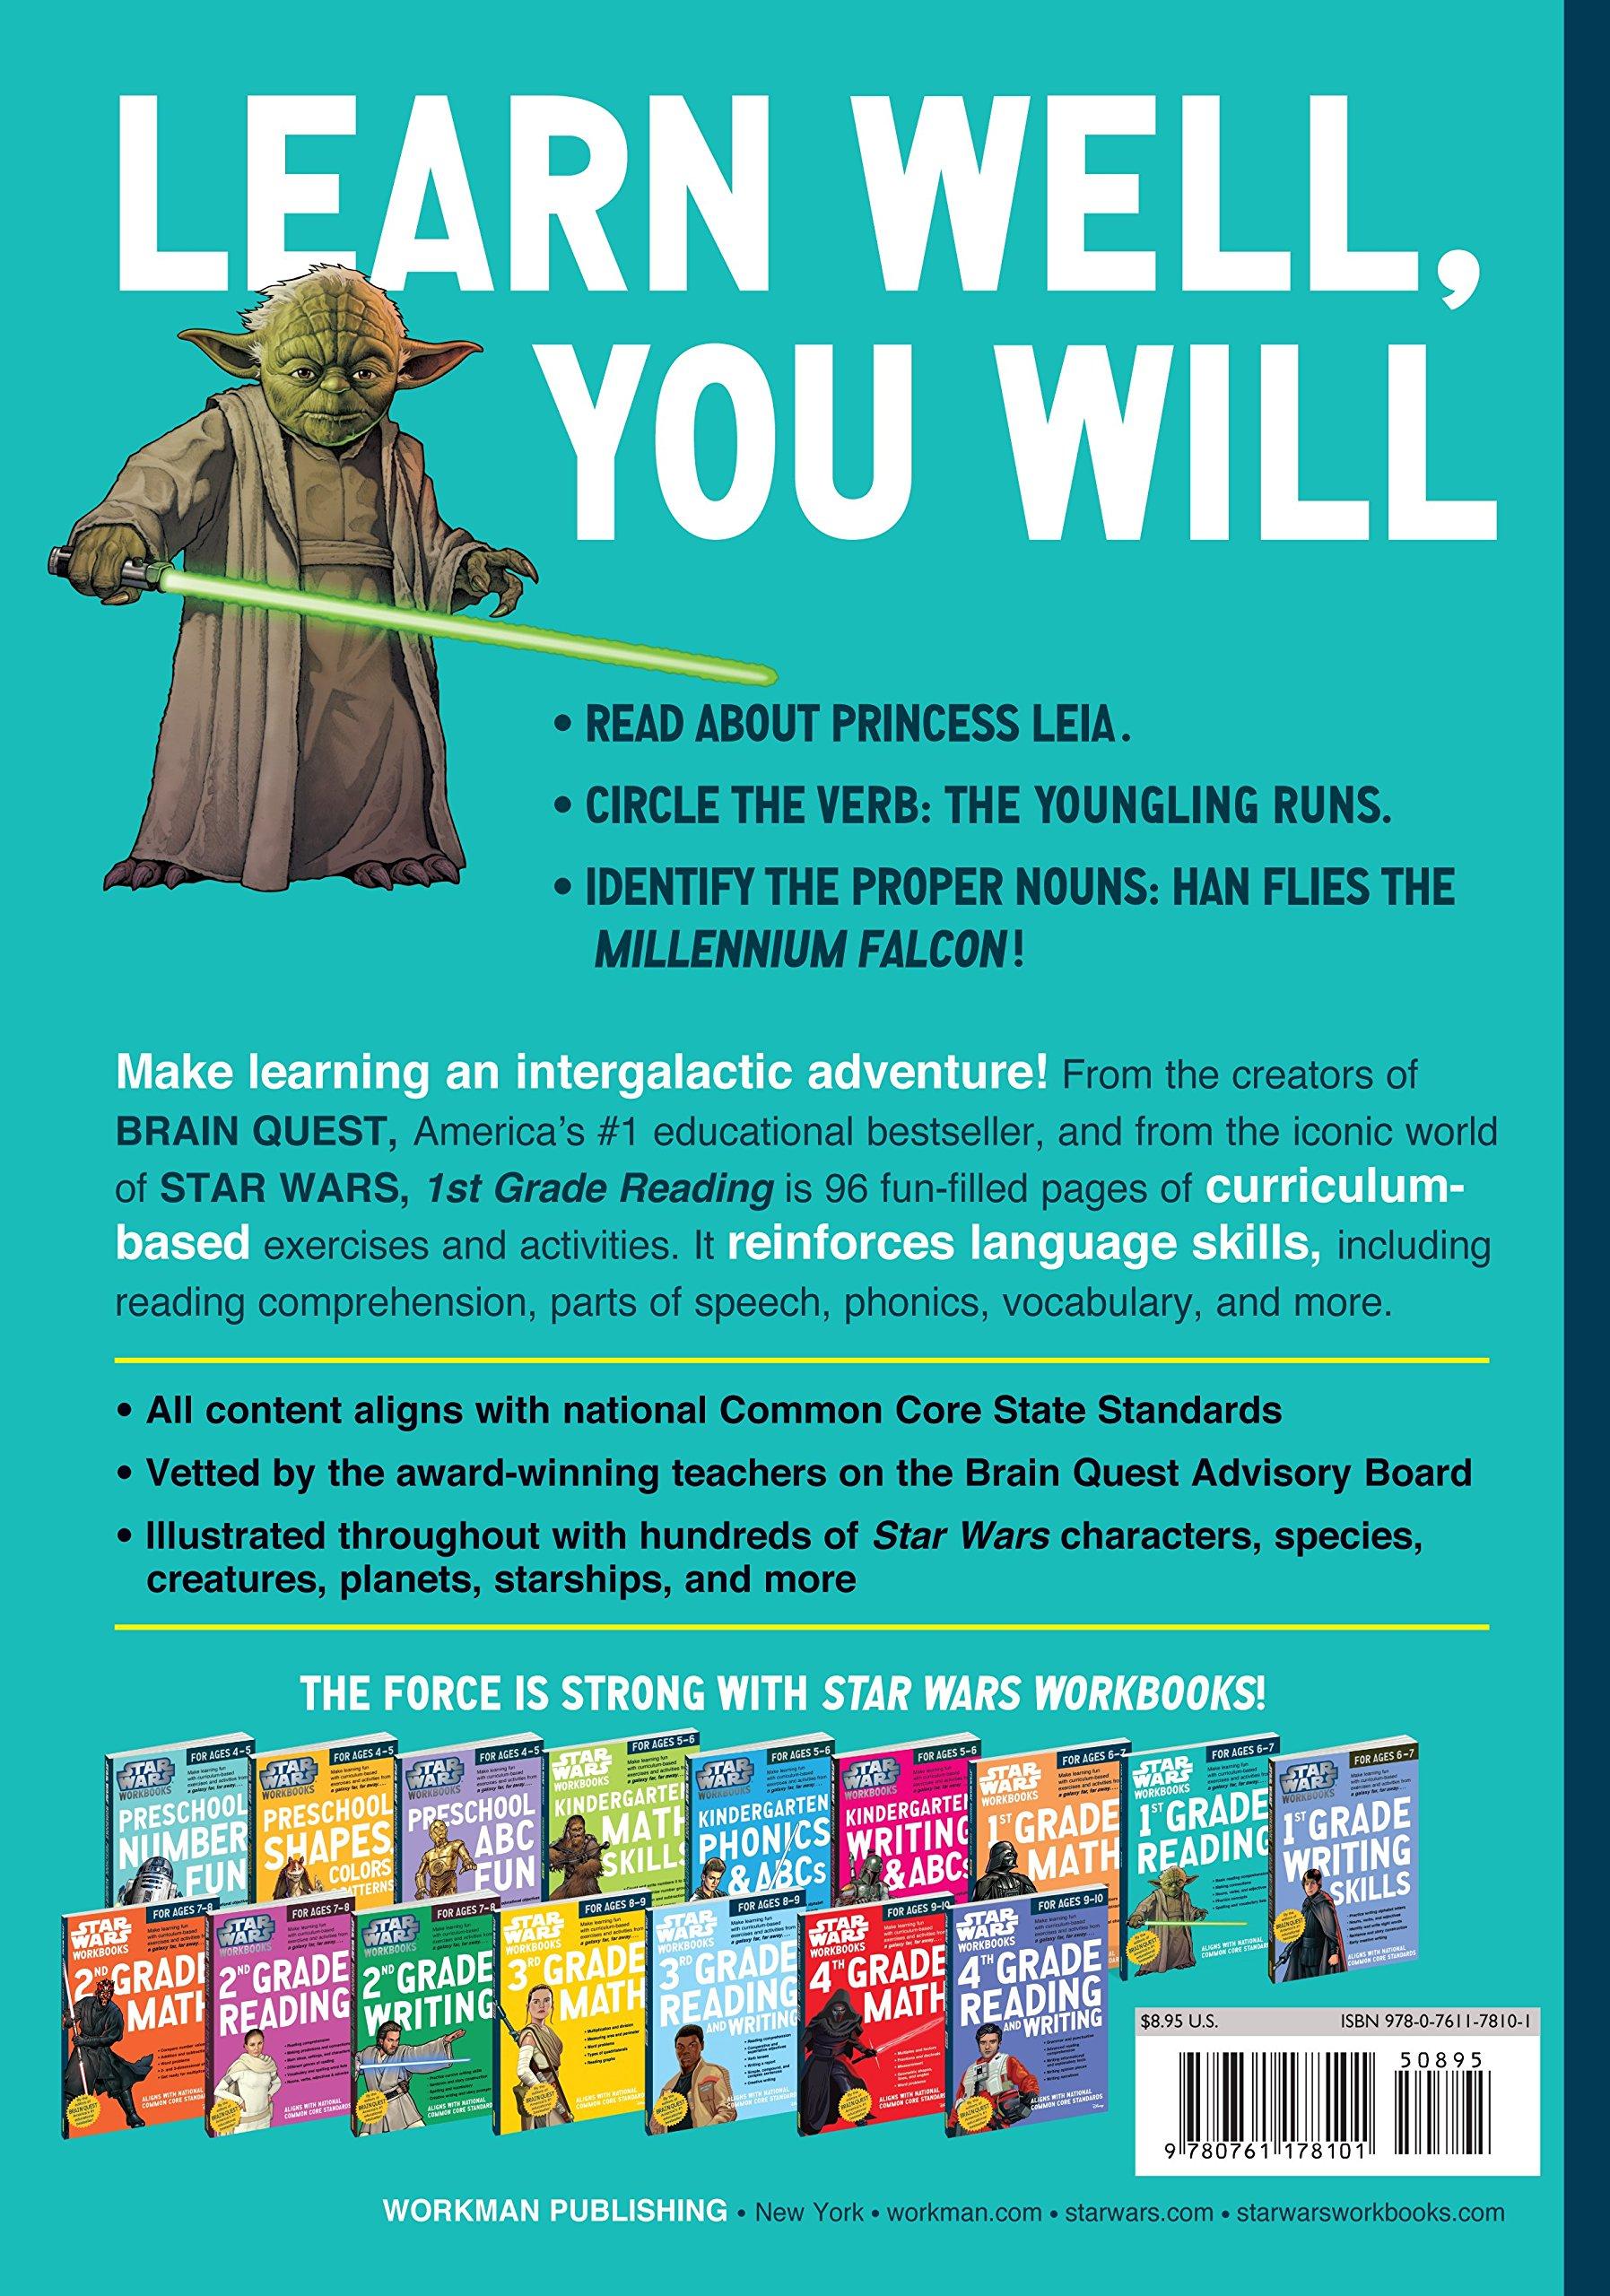 Star Wars Workbook: 1st Grade Reading (Star Wars Workbooks): Workman ...